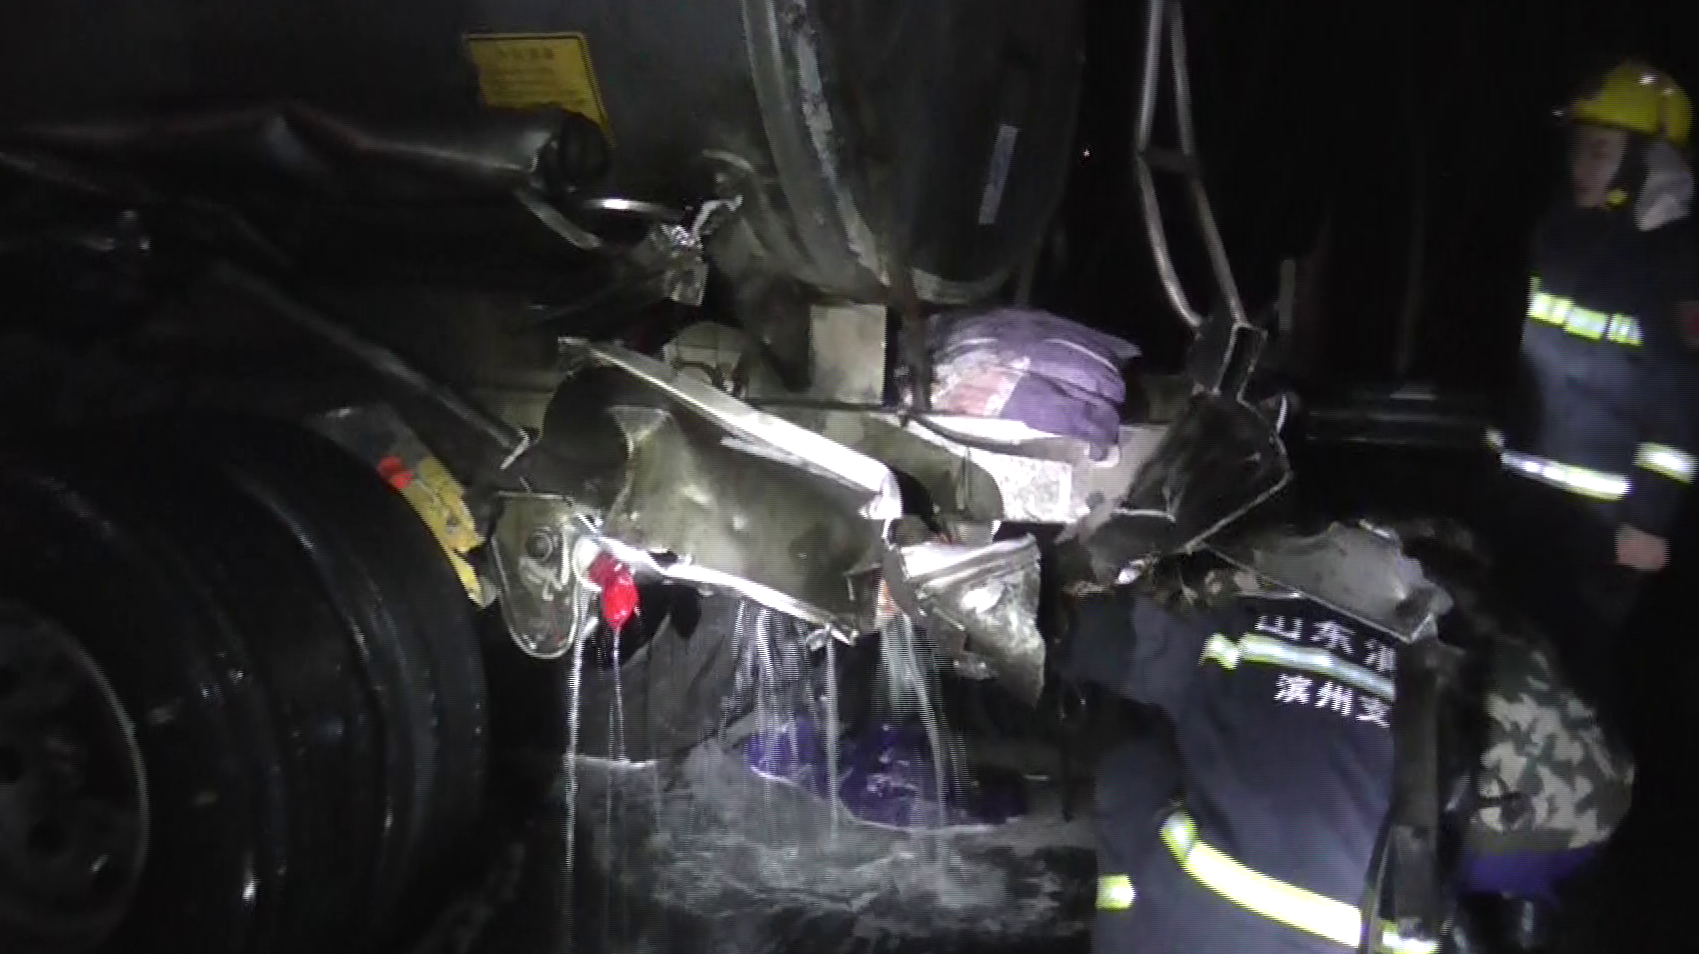 41秒丨险!两辆满载33吨的柴油车相撞,幸亏消防员巧救援